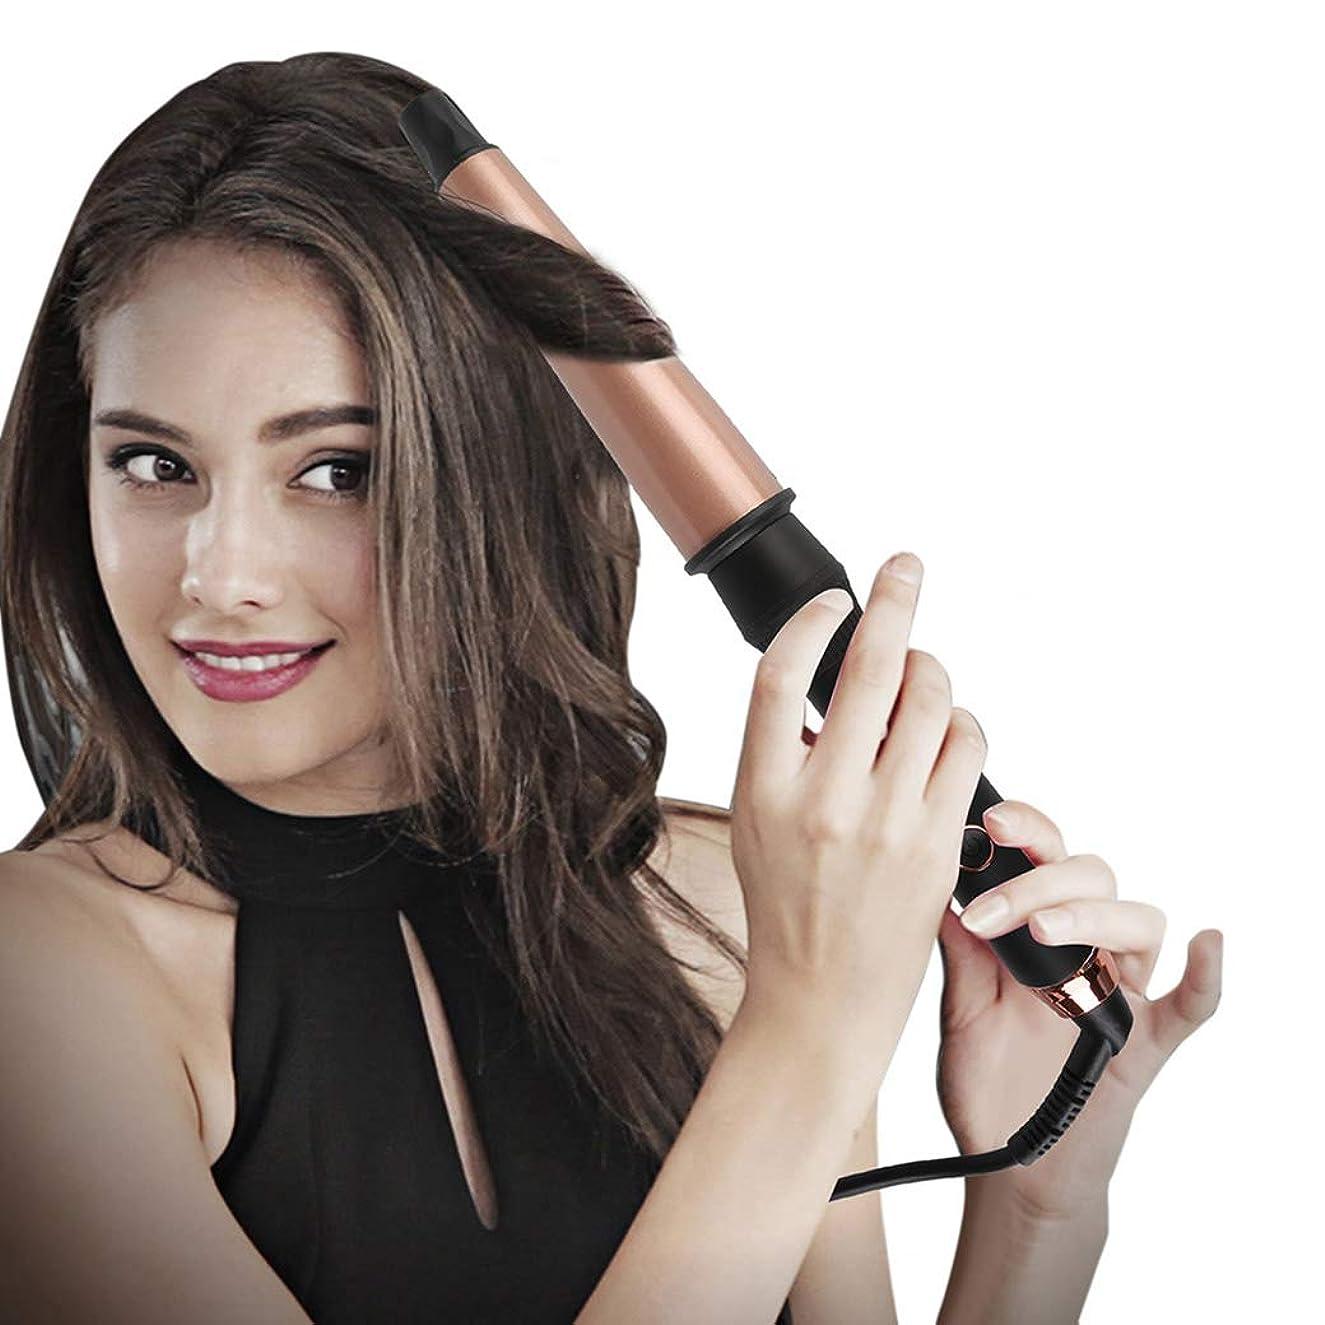 シンジケートちょっと待ってハイキングトルマリンセラミックカーリング鉄カーリングアイロンスパイラルヘアスティック手袋を送信する髪カーラーパーマ液晶自動カーリングアイロンポータブルヘアカーラー髪を傷つけるしない